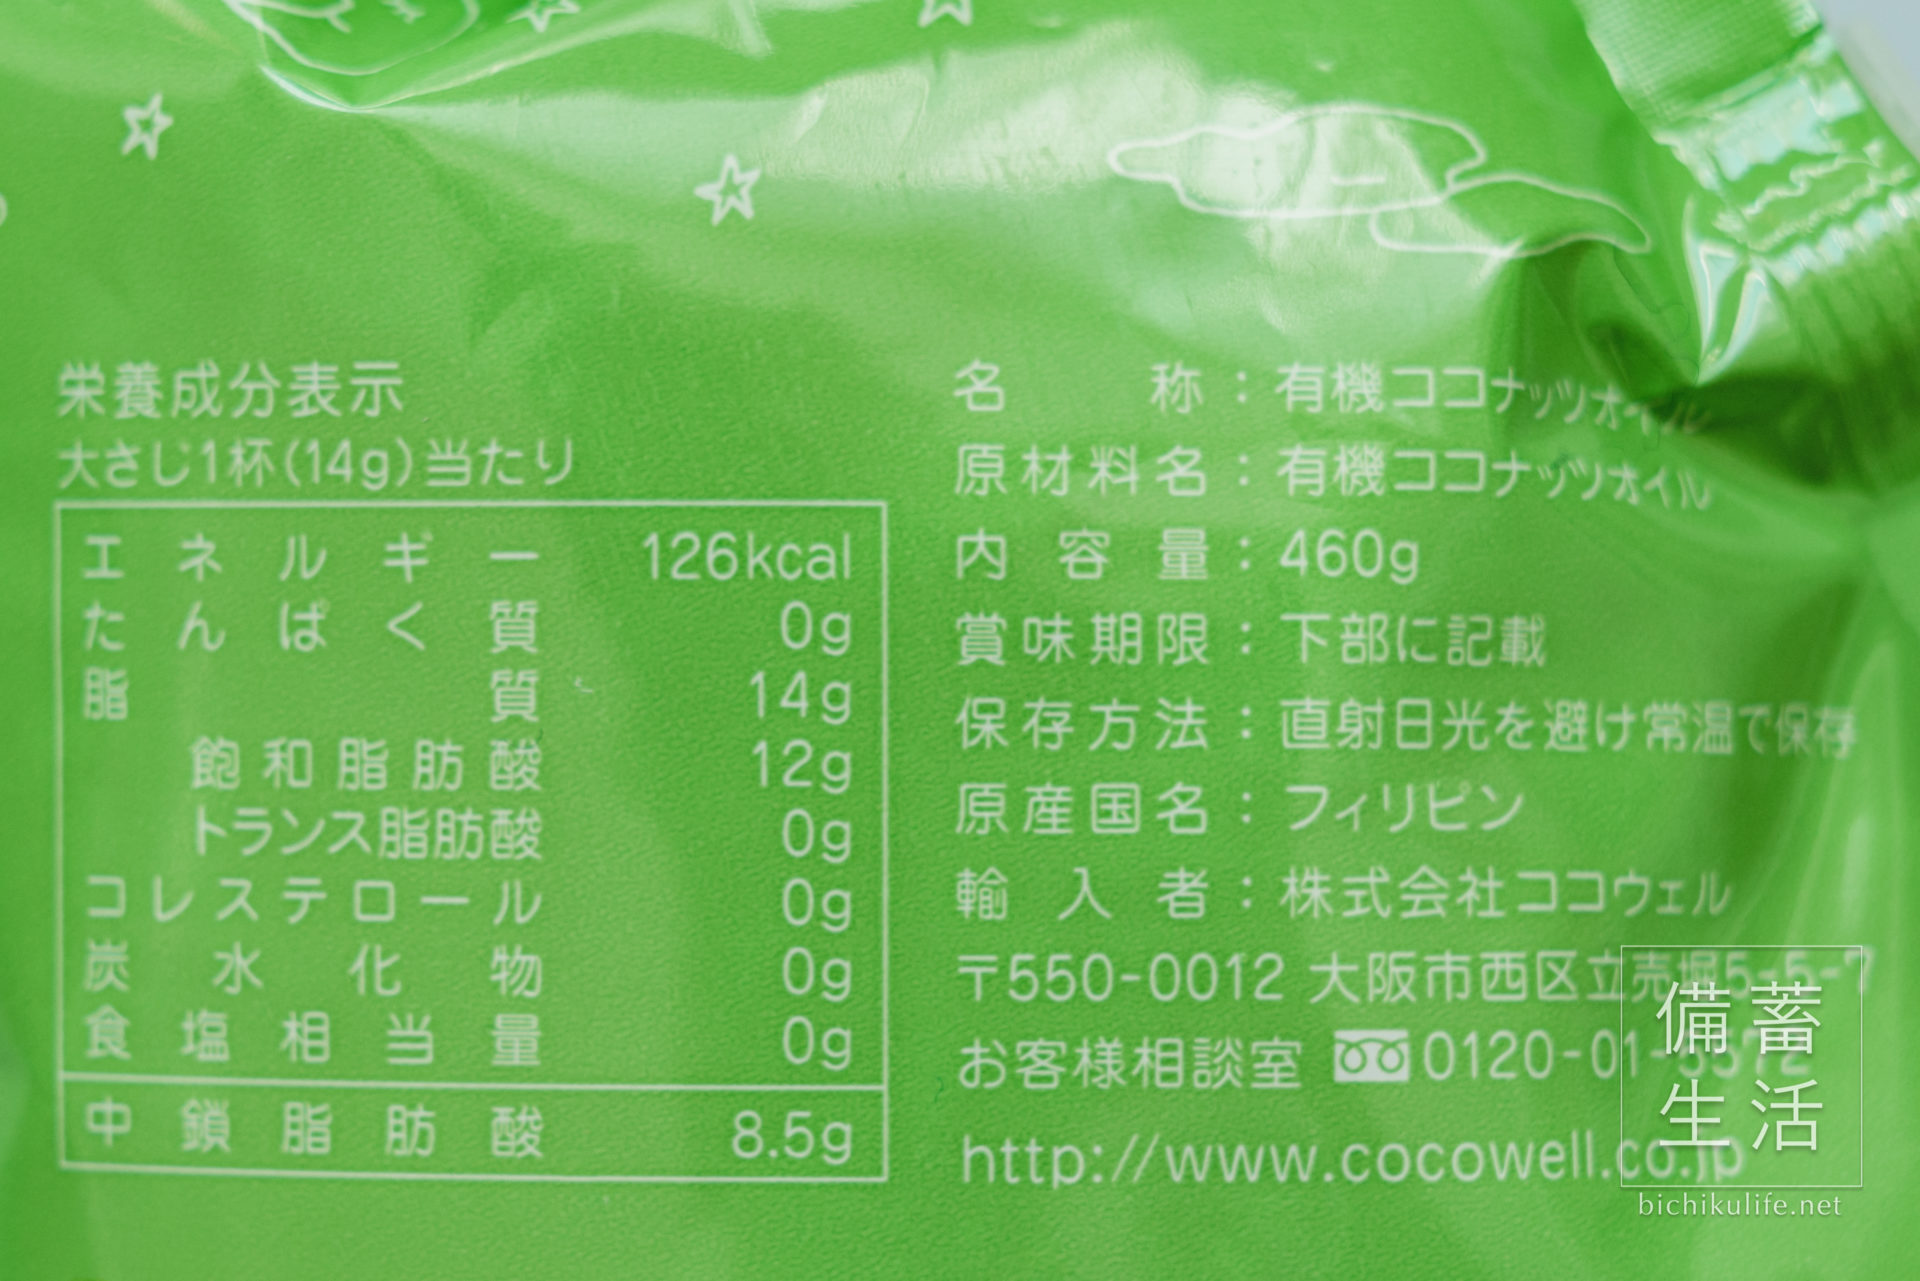 ココウェルの有機ココナッツオイル、オーガニックプレミアムココナッツオイルの成分表示